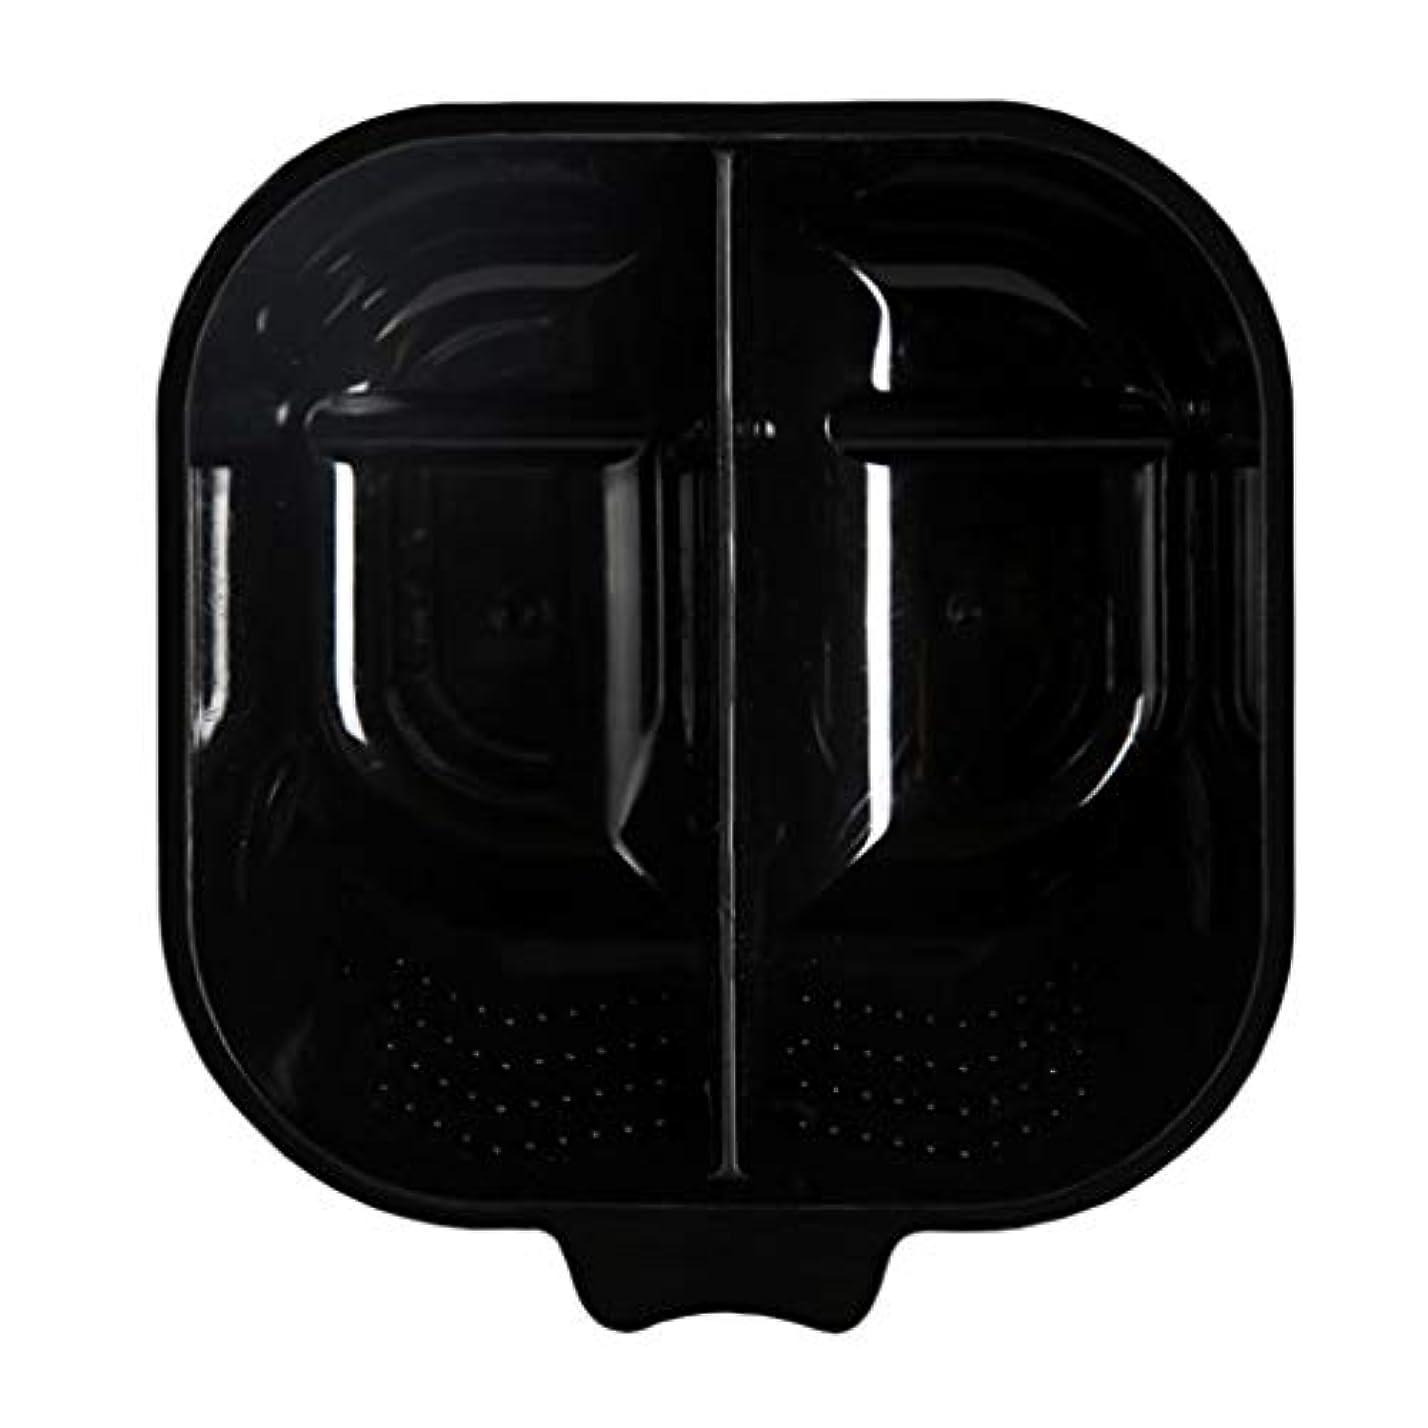 想像力デザイナー旅ヘアカラー 混合ボウル ヘアカラーボウル 髪染め プレート サロン ヘアダイミキシングボウル 全3色 - ブラック